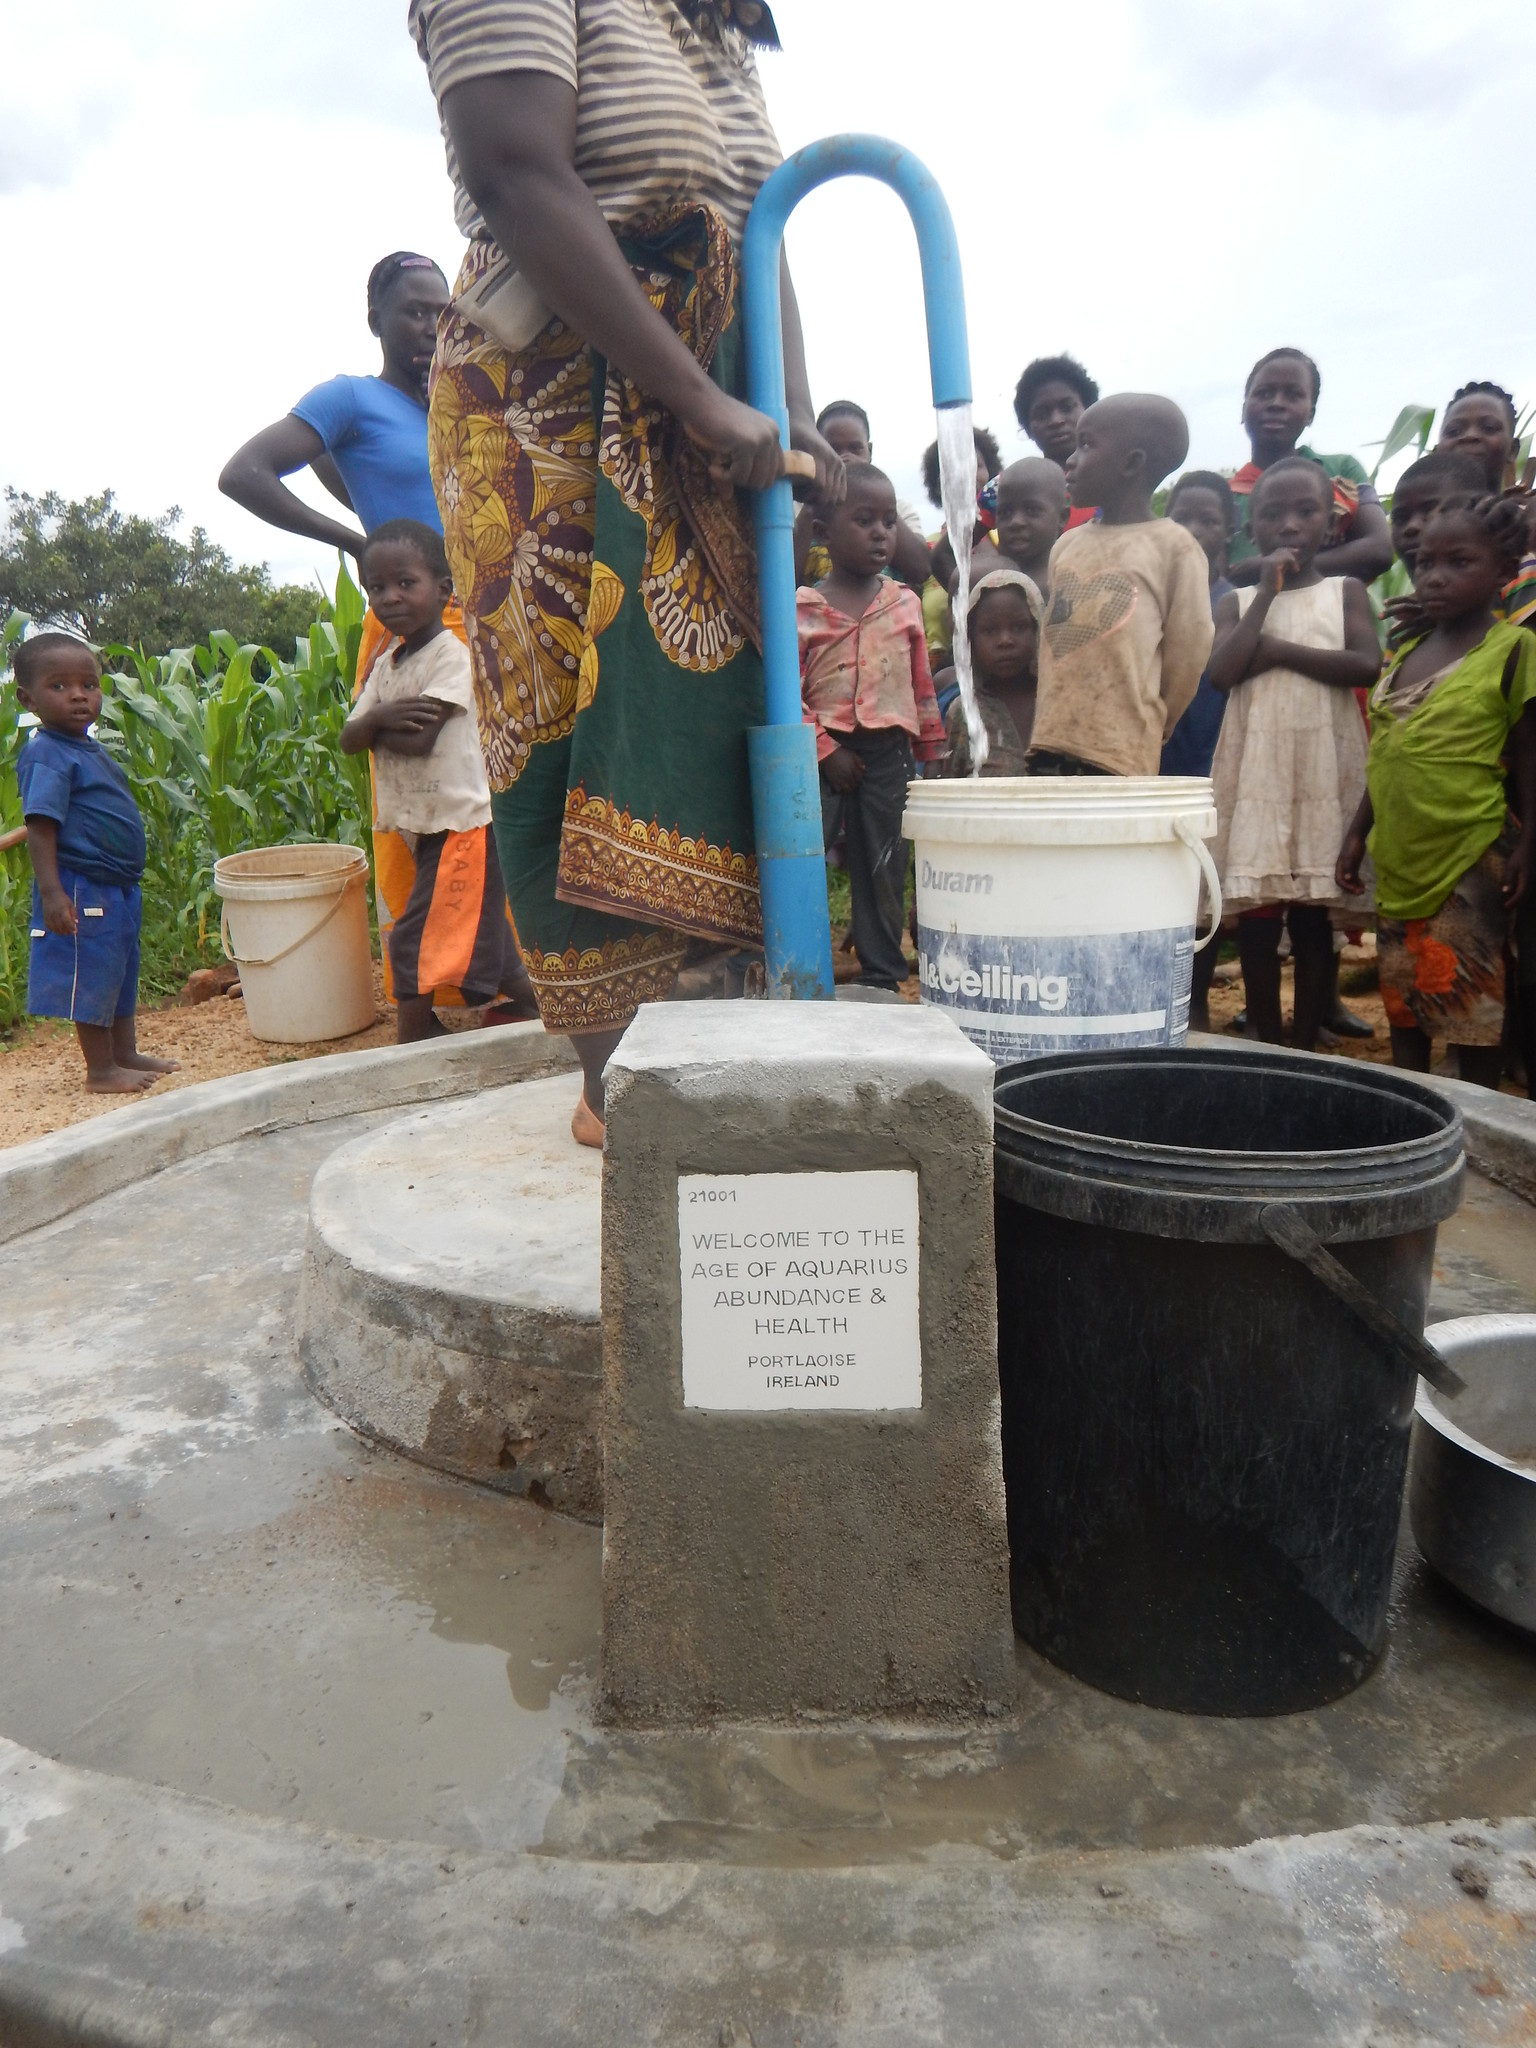 Kamwazamchenga - pump 21001